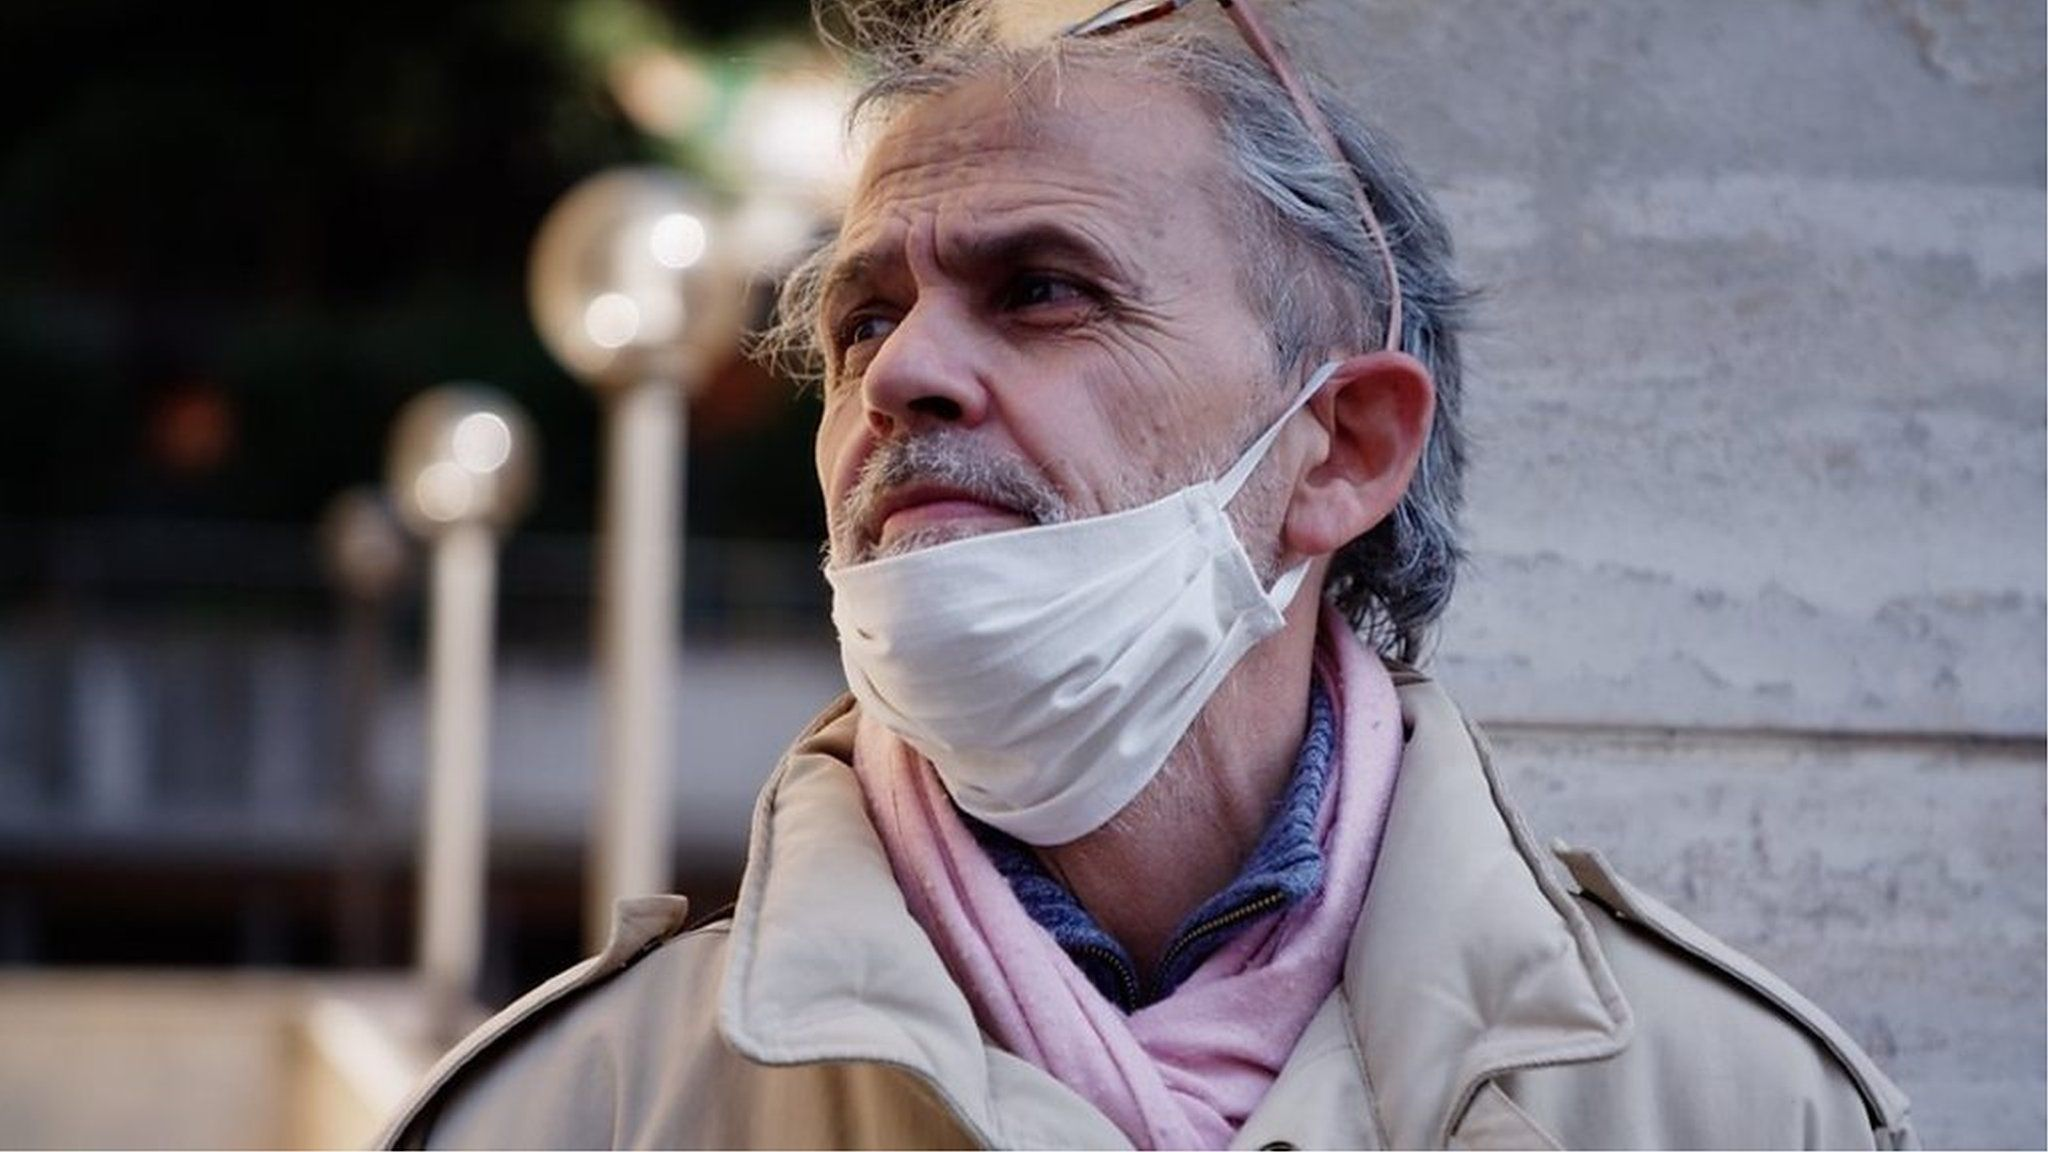 「残りは290円」 イタリアの都市封鎖、収入ゼロも